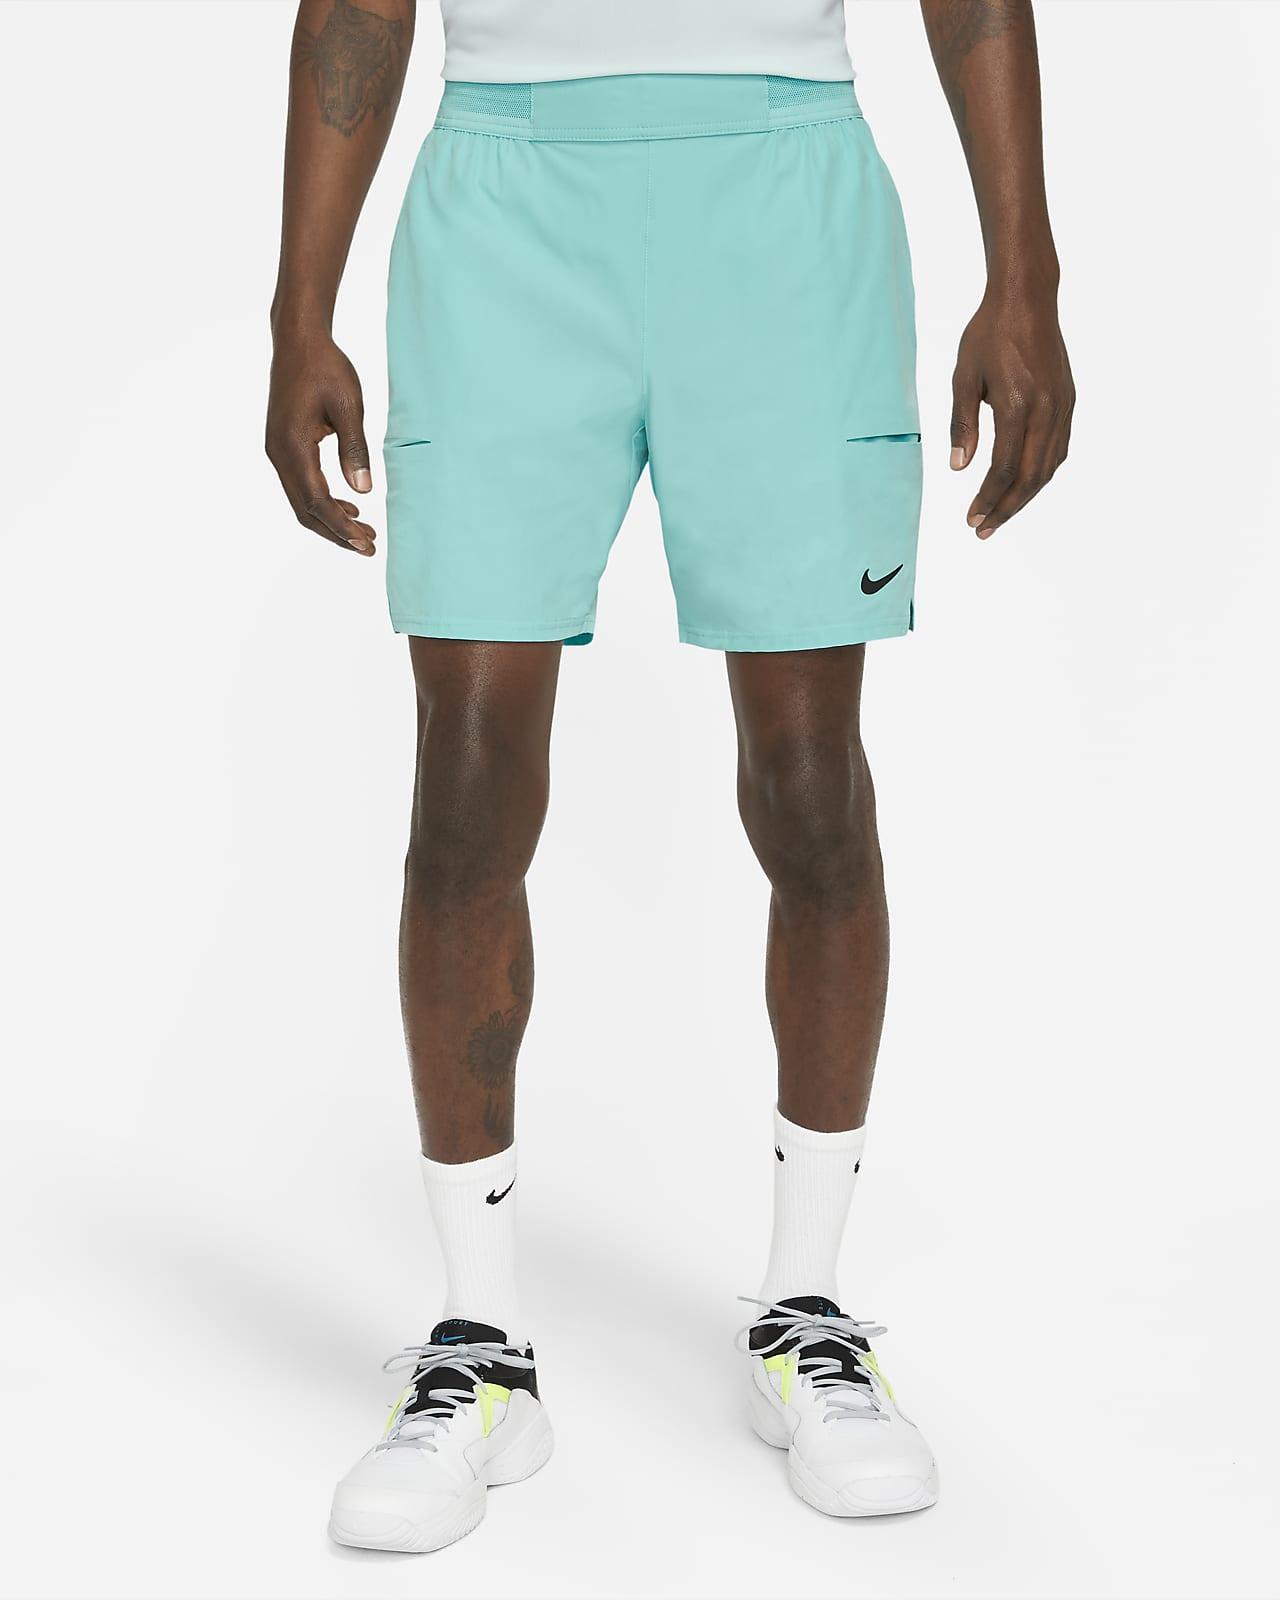 Shorts de tenis de 18 cm para hombre NikeCourt Dri-FIT Advantage